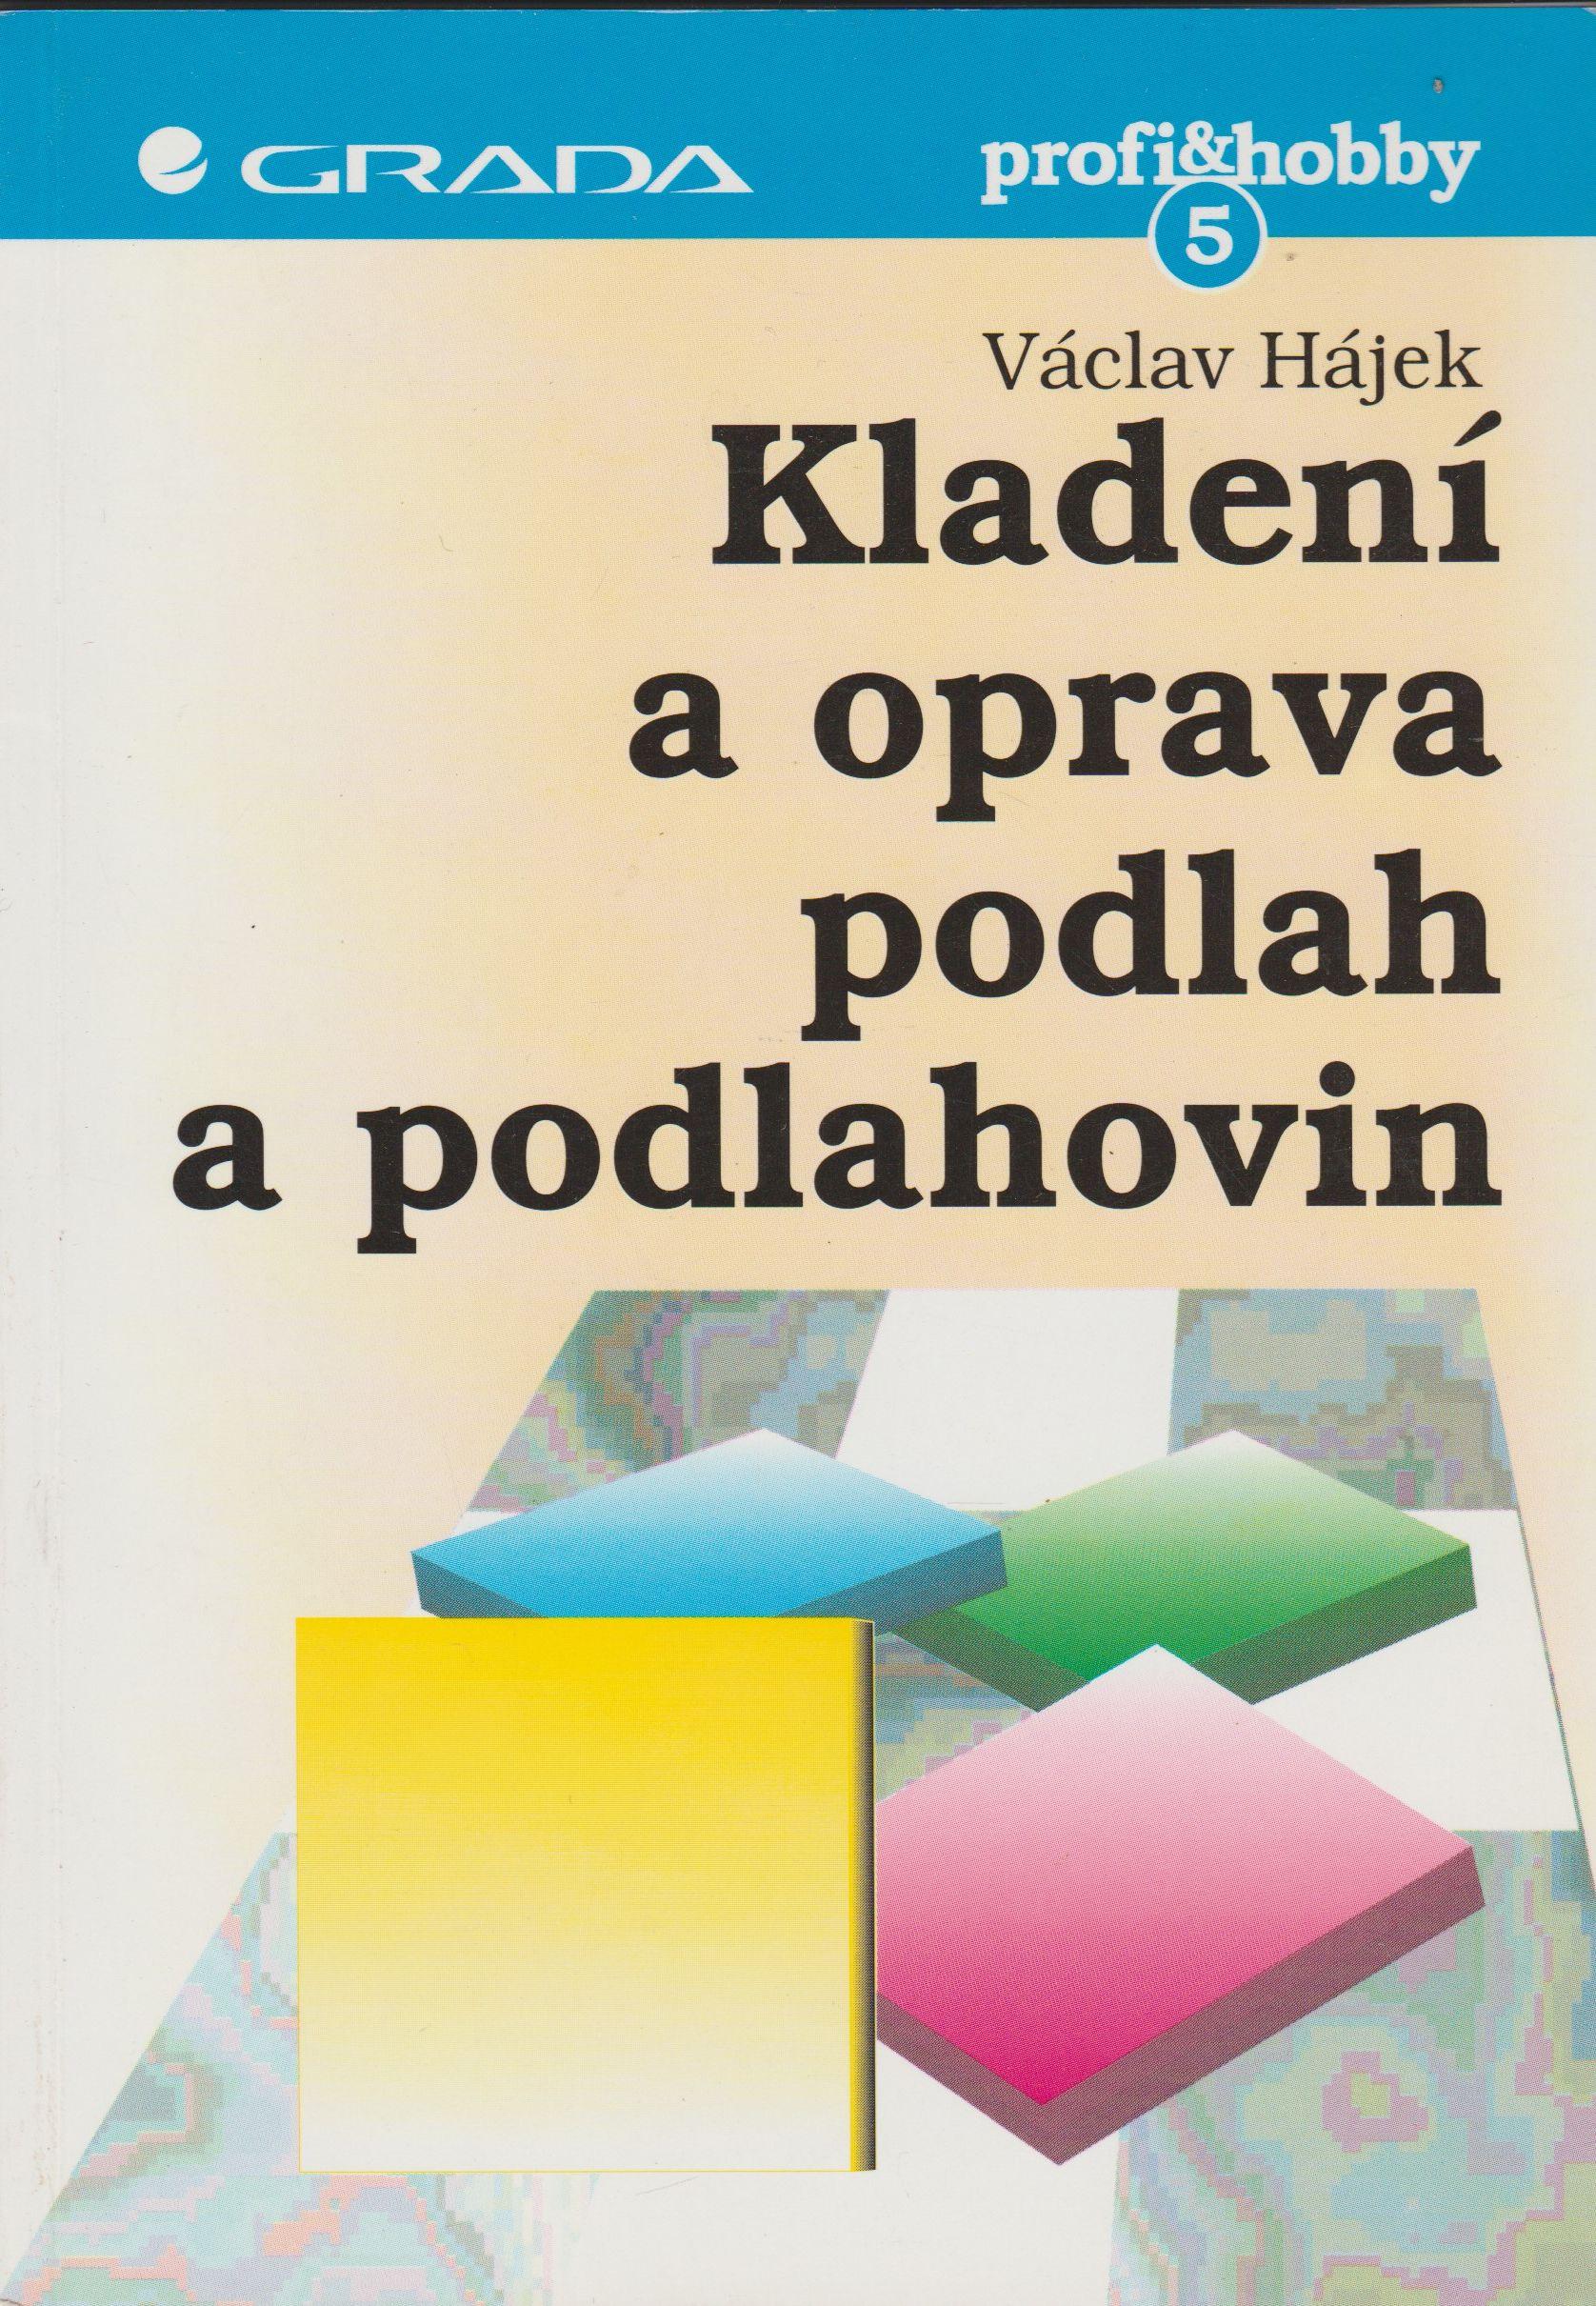 Kladení a oprava podlah a podlahovin - Václav Hájek